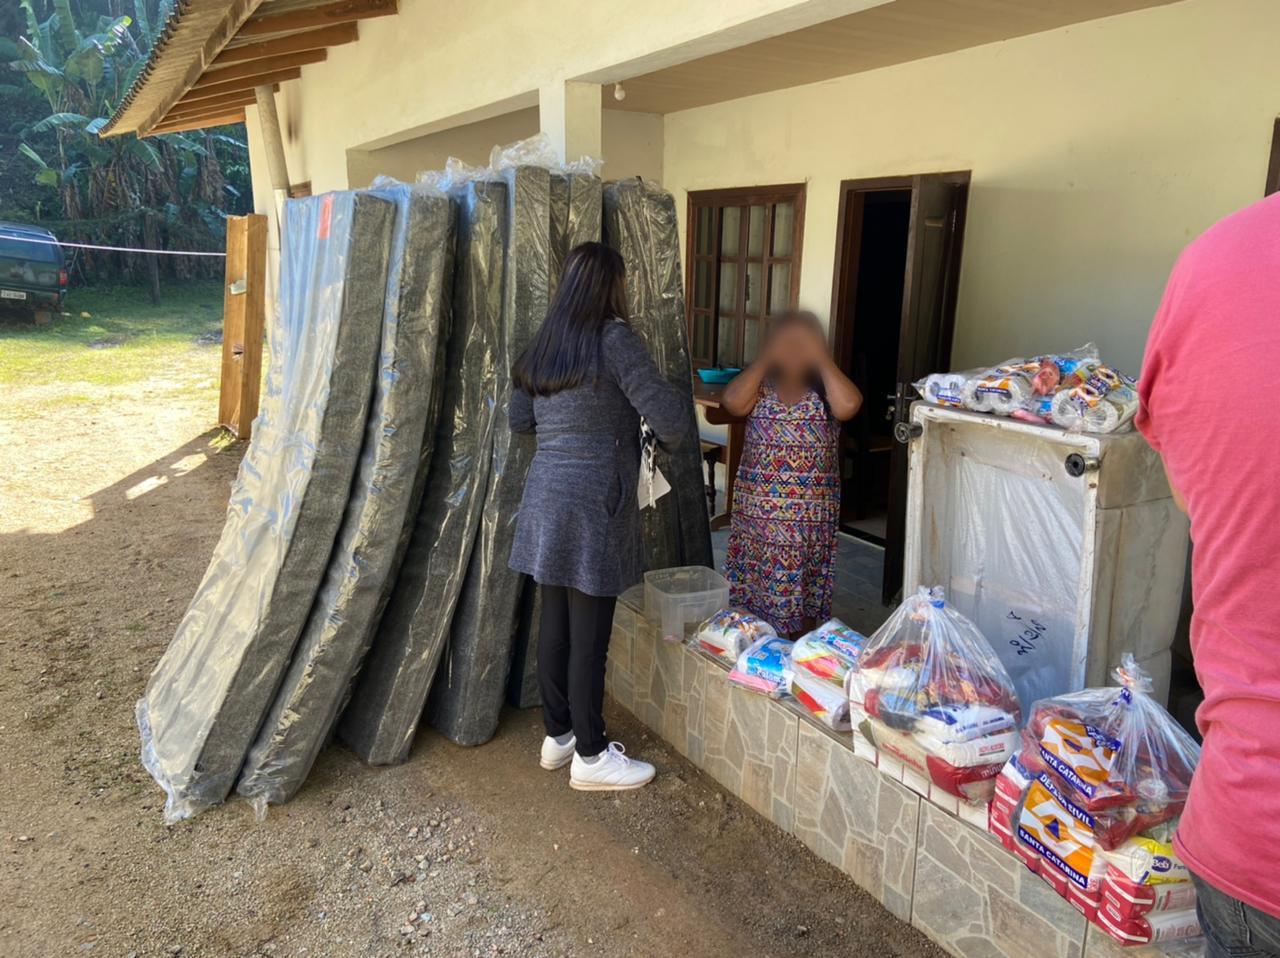 Prefeitura distribui itens de assistência humanitária no bairro Limeira